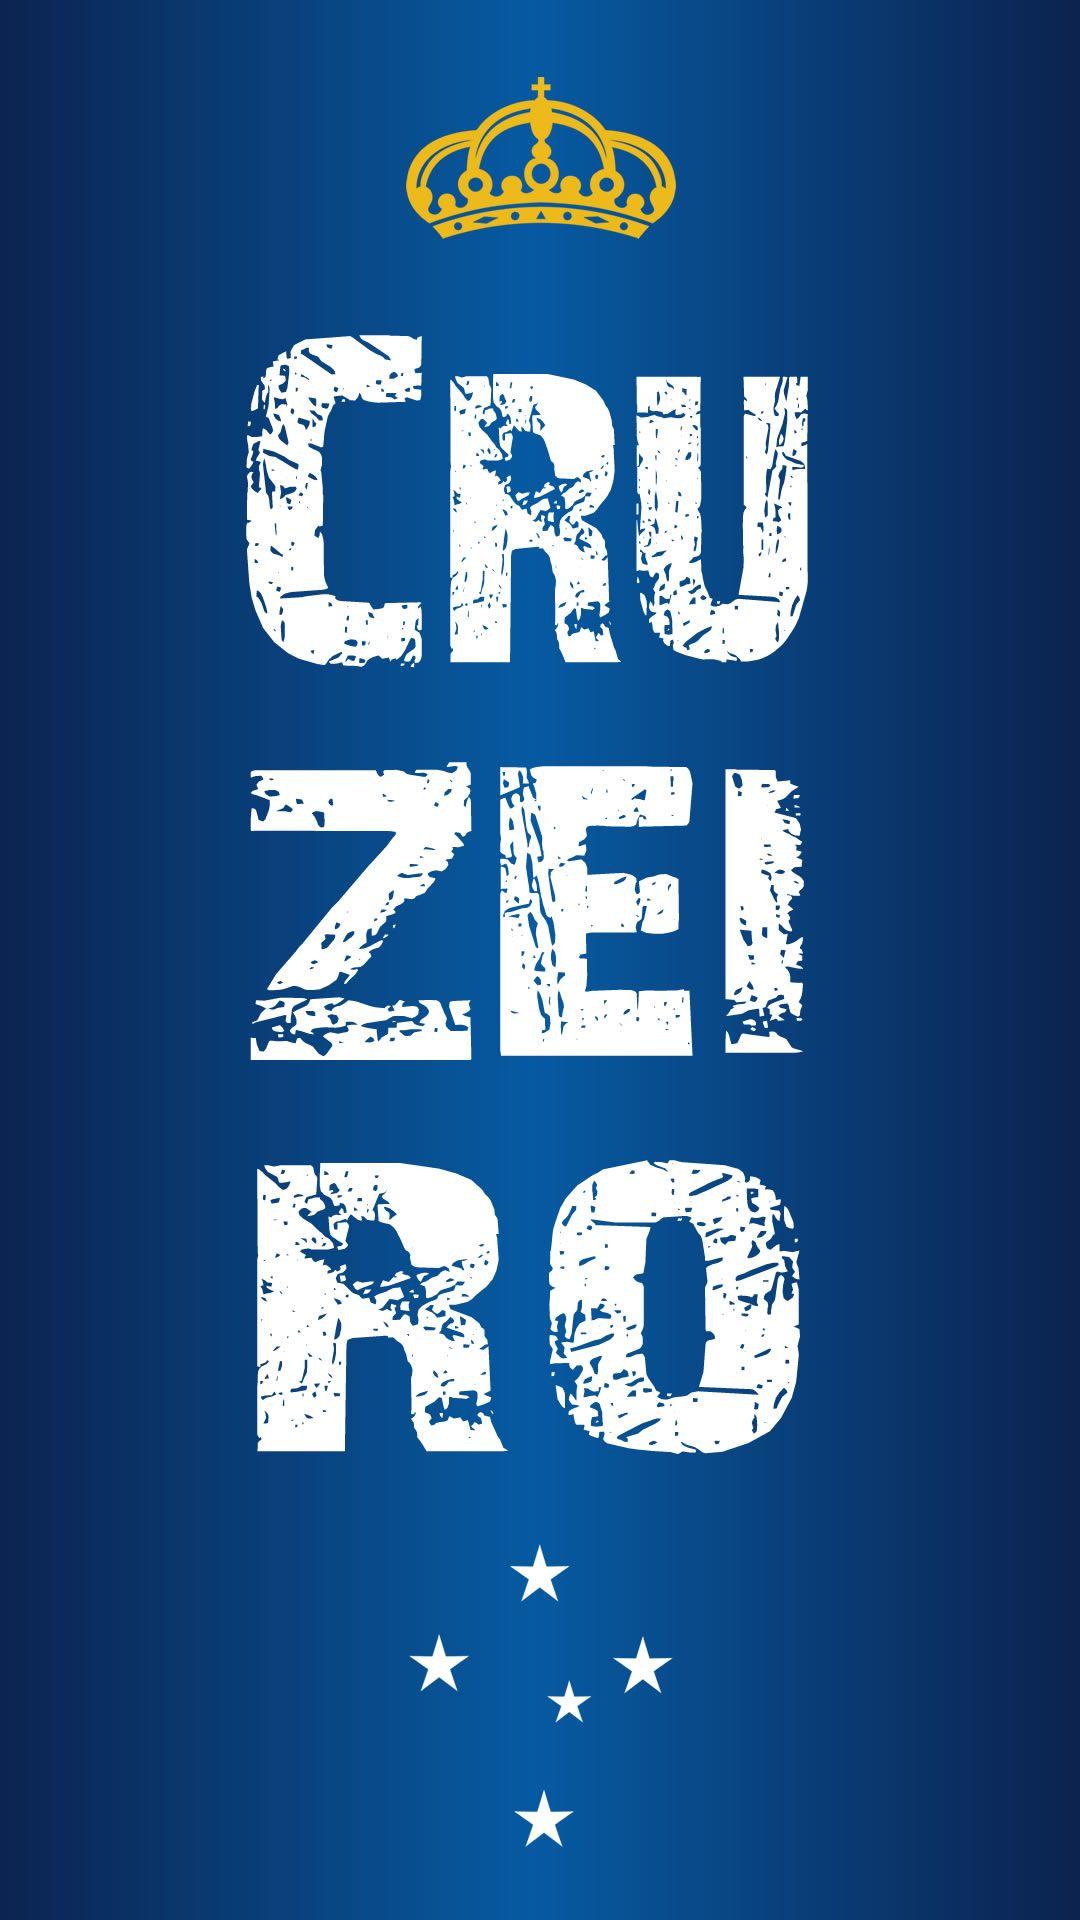 PENTACAMPEÃO  CRUZEIRO Cruzeiro Fotos de22022a49fbf